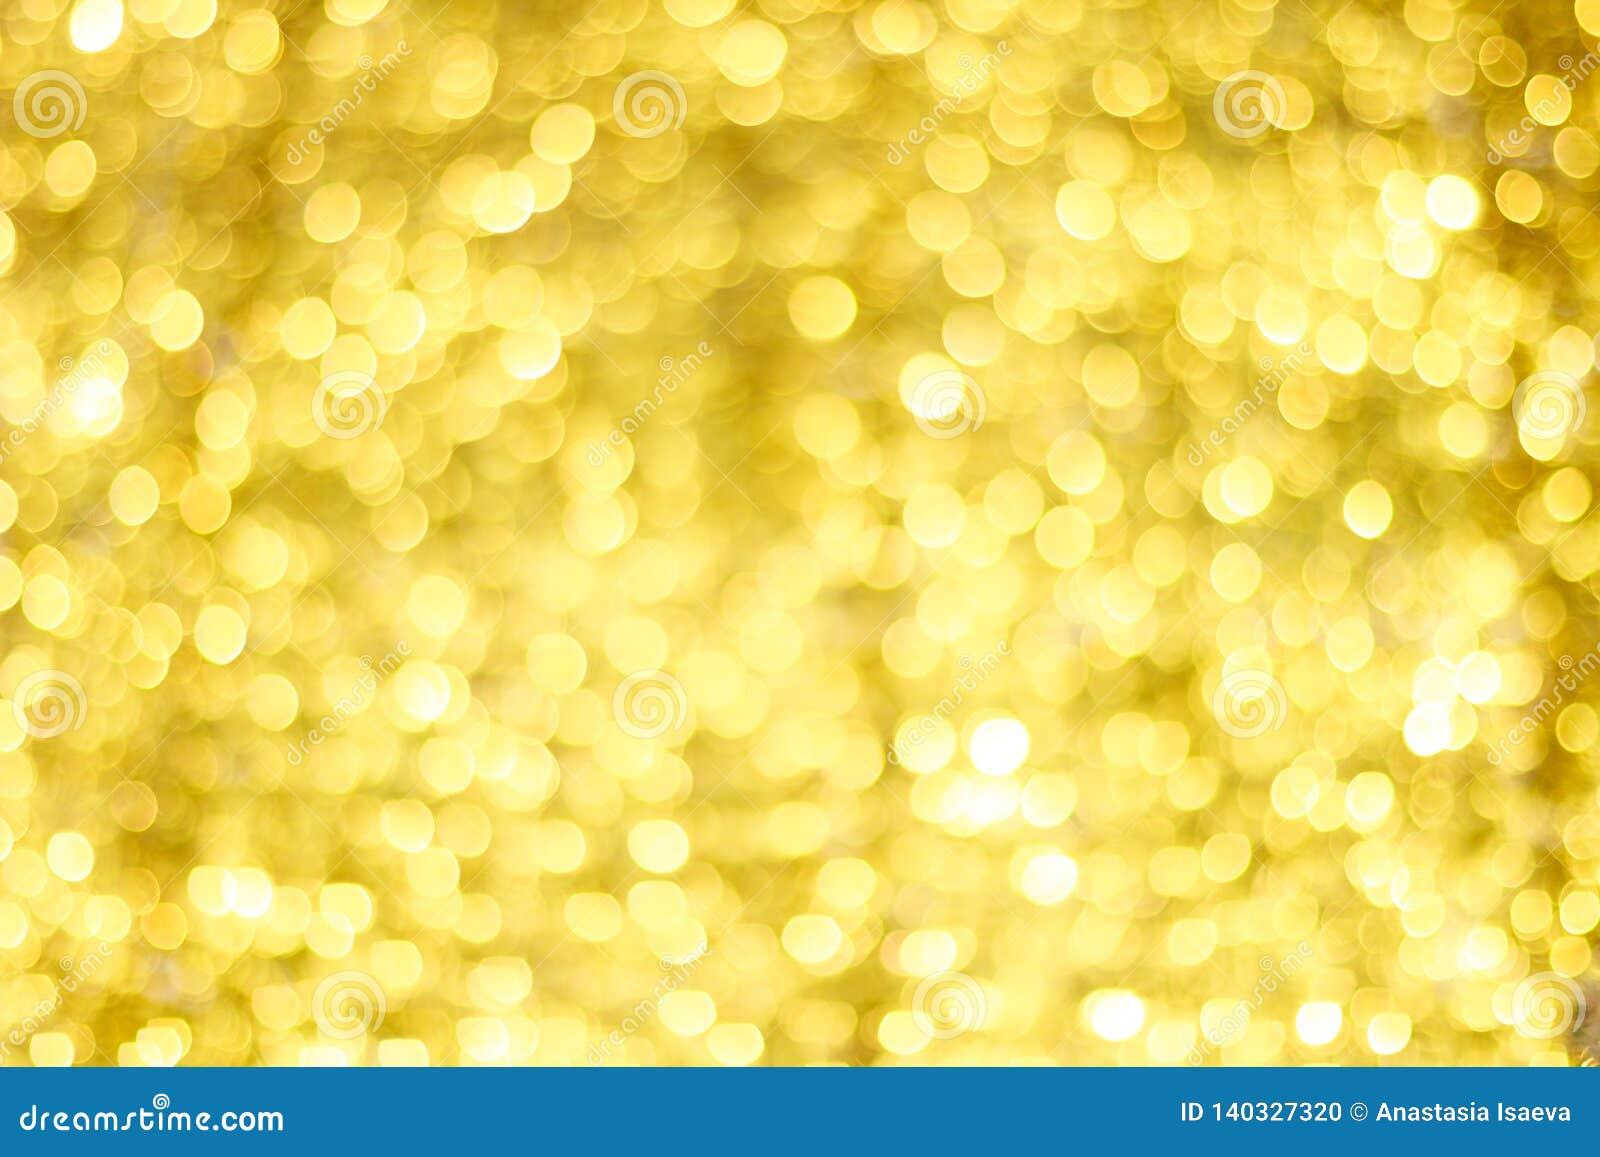 Borrão dourado de Bokeh Luzes de brilho do ouro Círculos de Bokeh